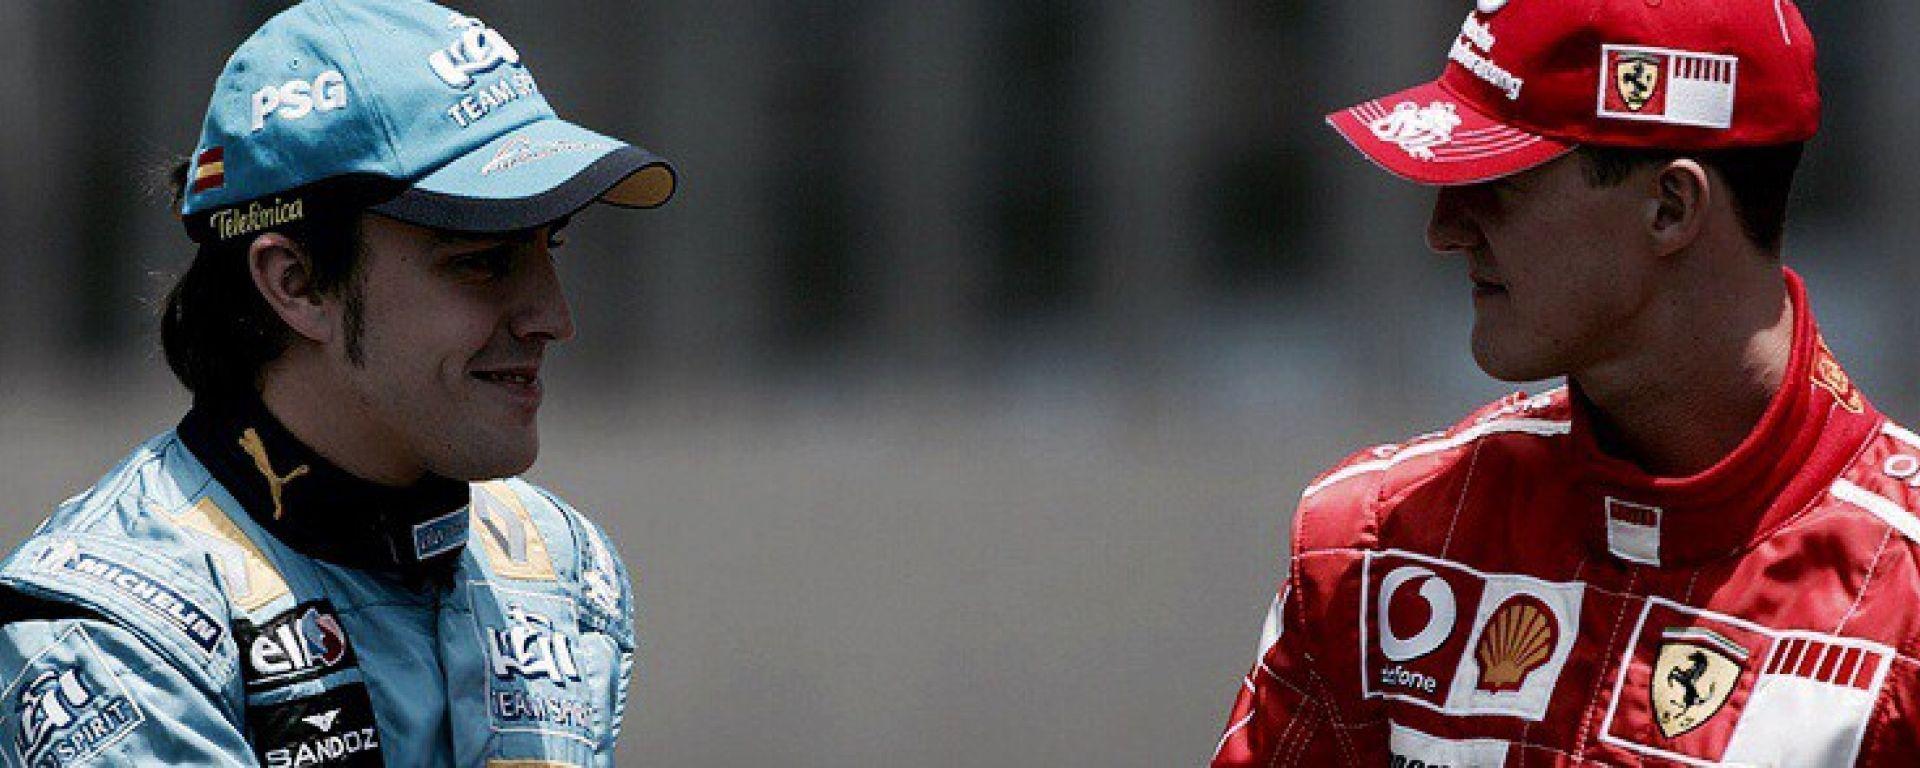 Alonso VS Schumacher - La sfida del 2006